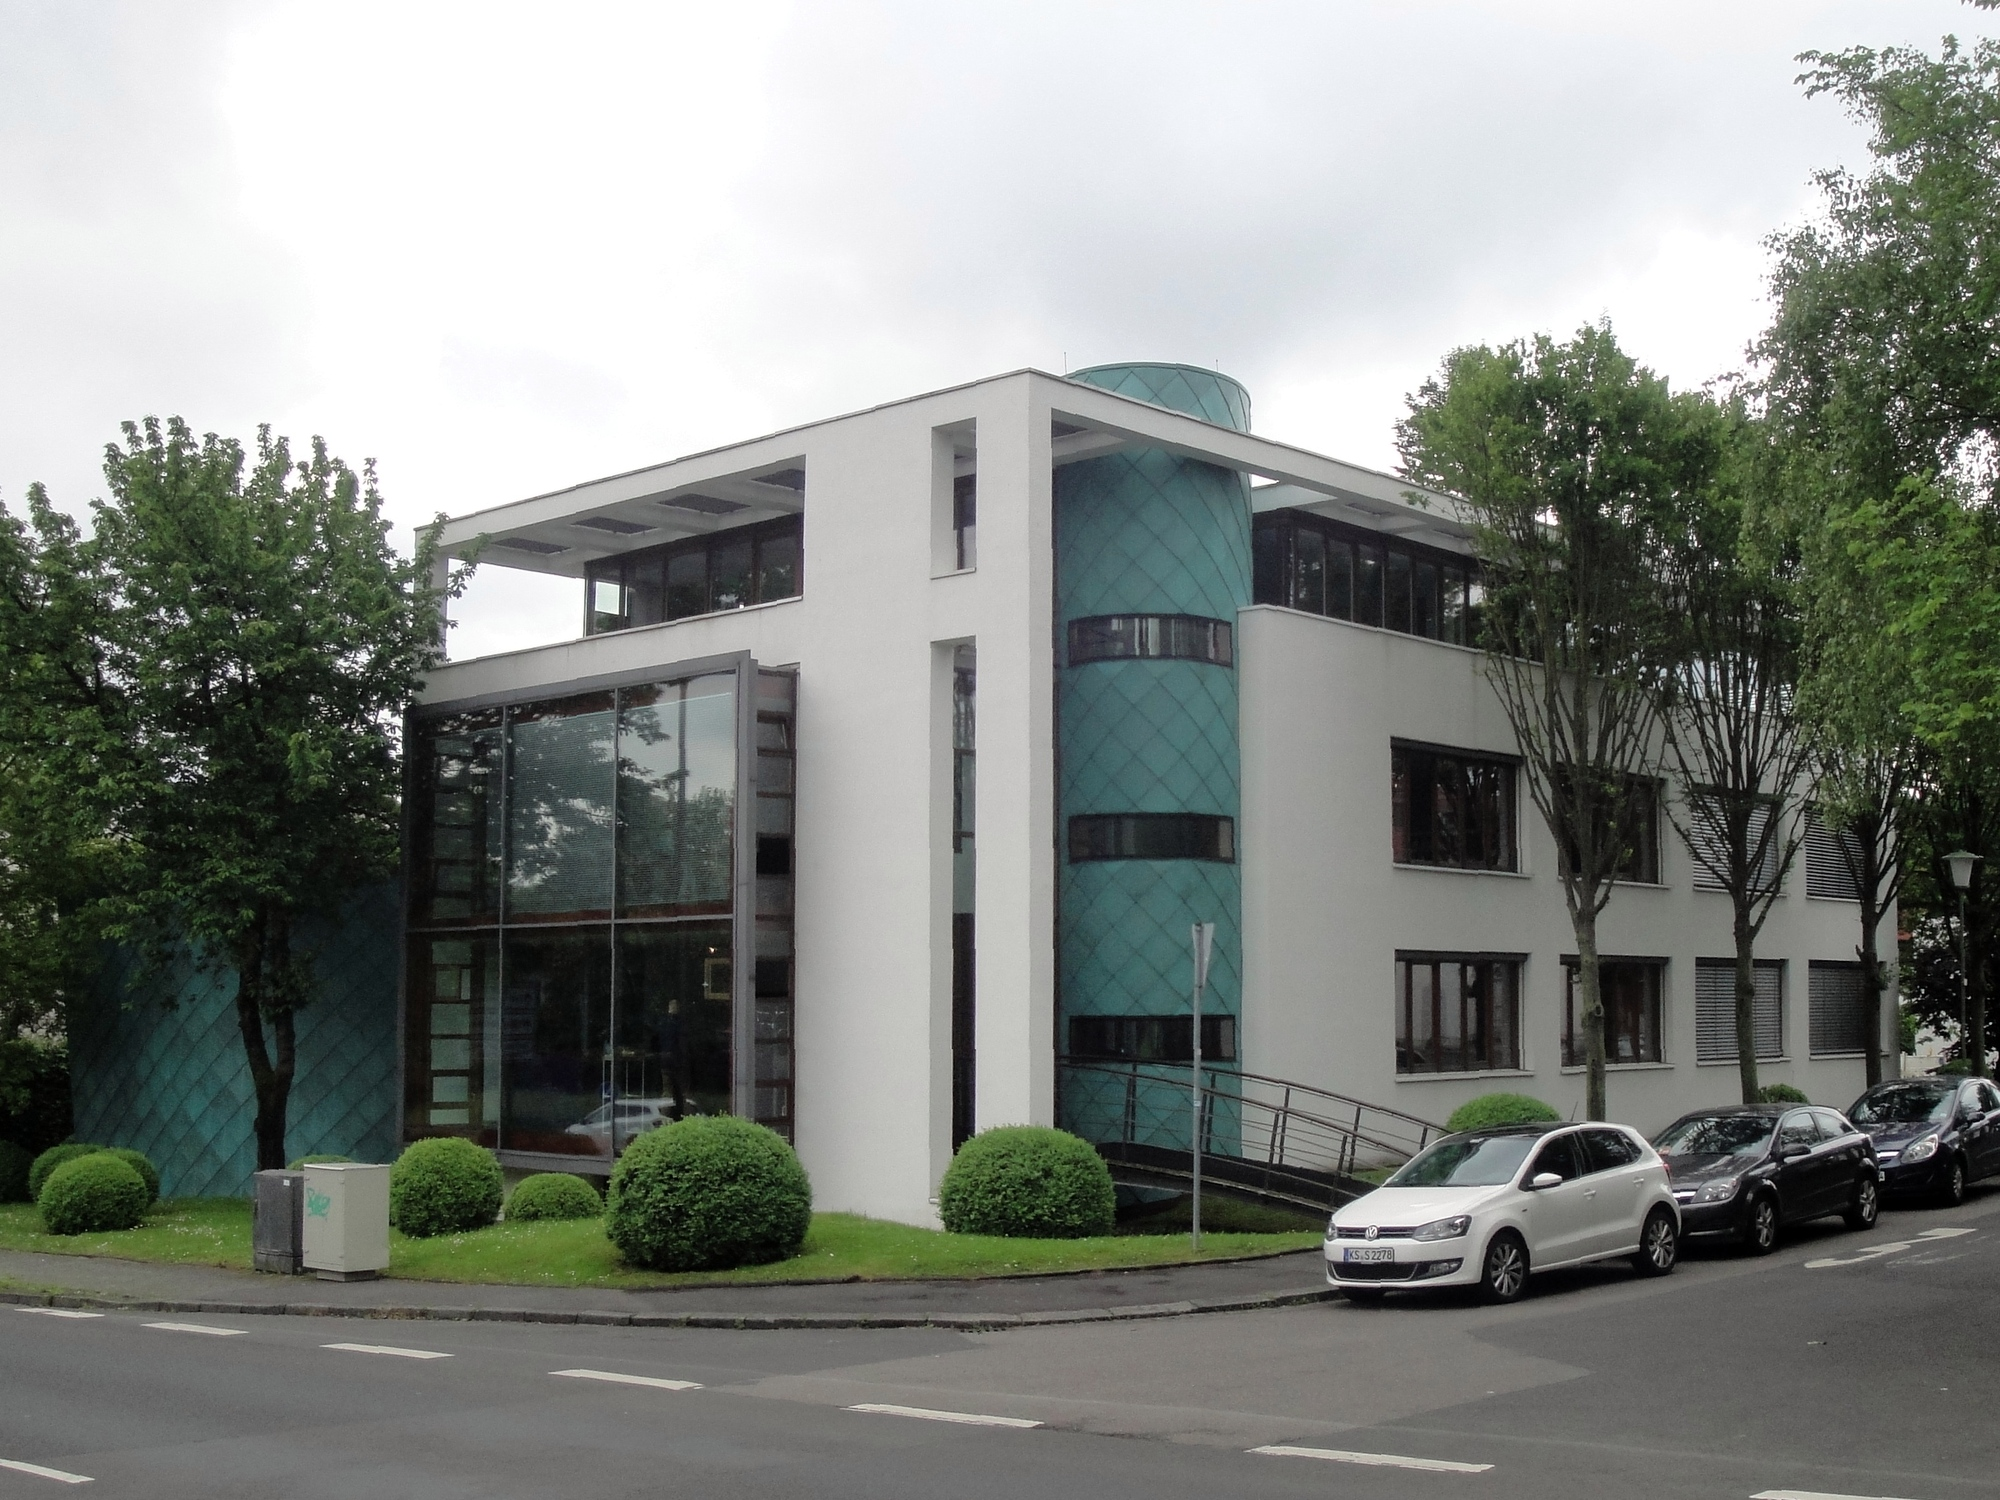 Architekten In Kassel file kassel bieling architekten jpg wikimedia commons